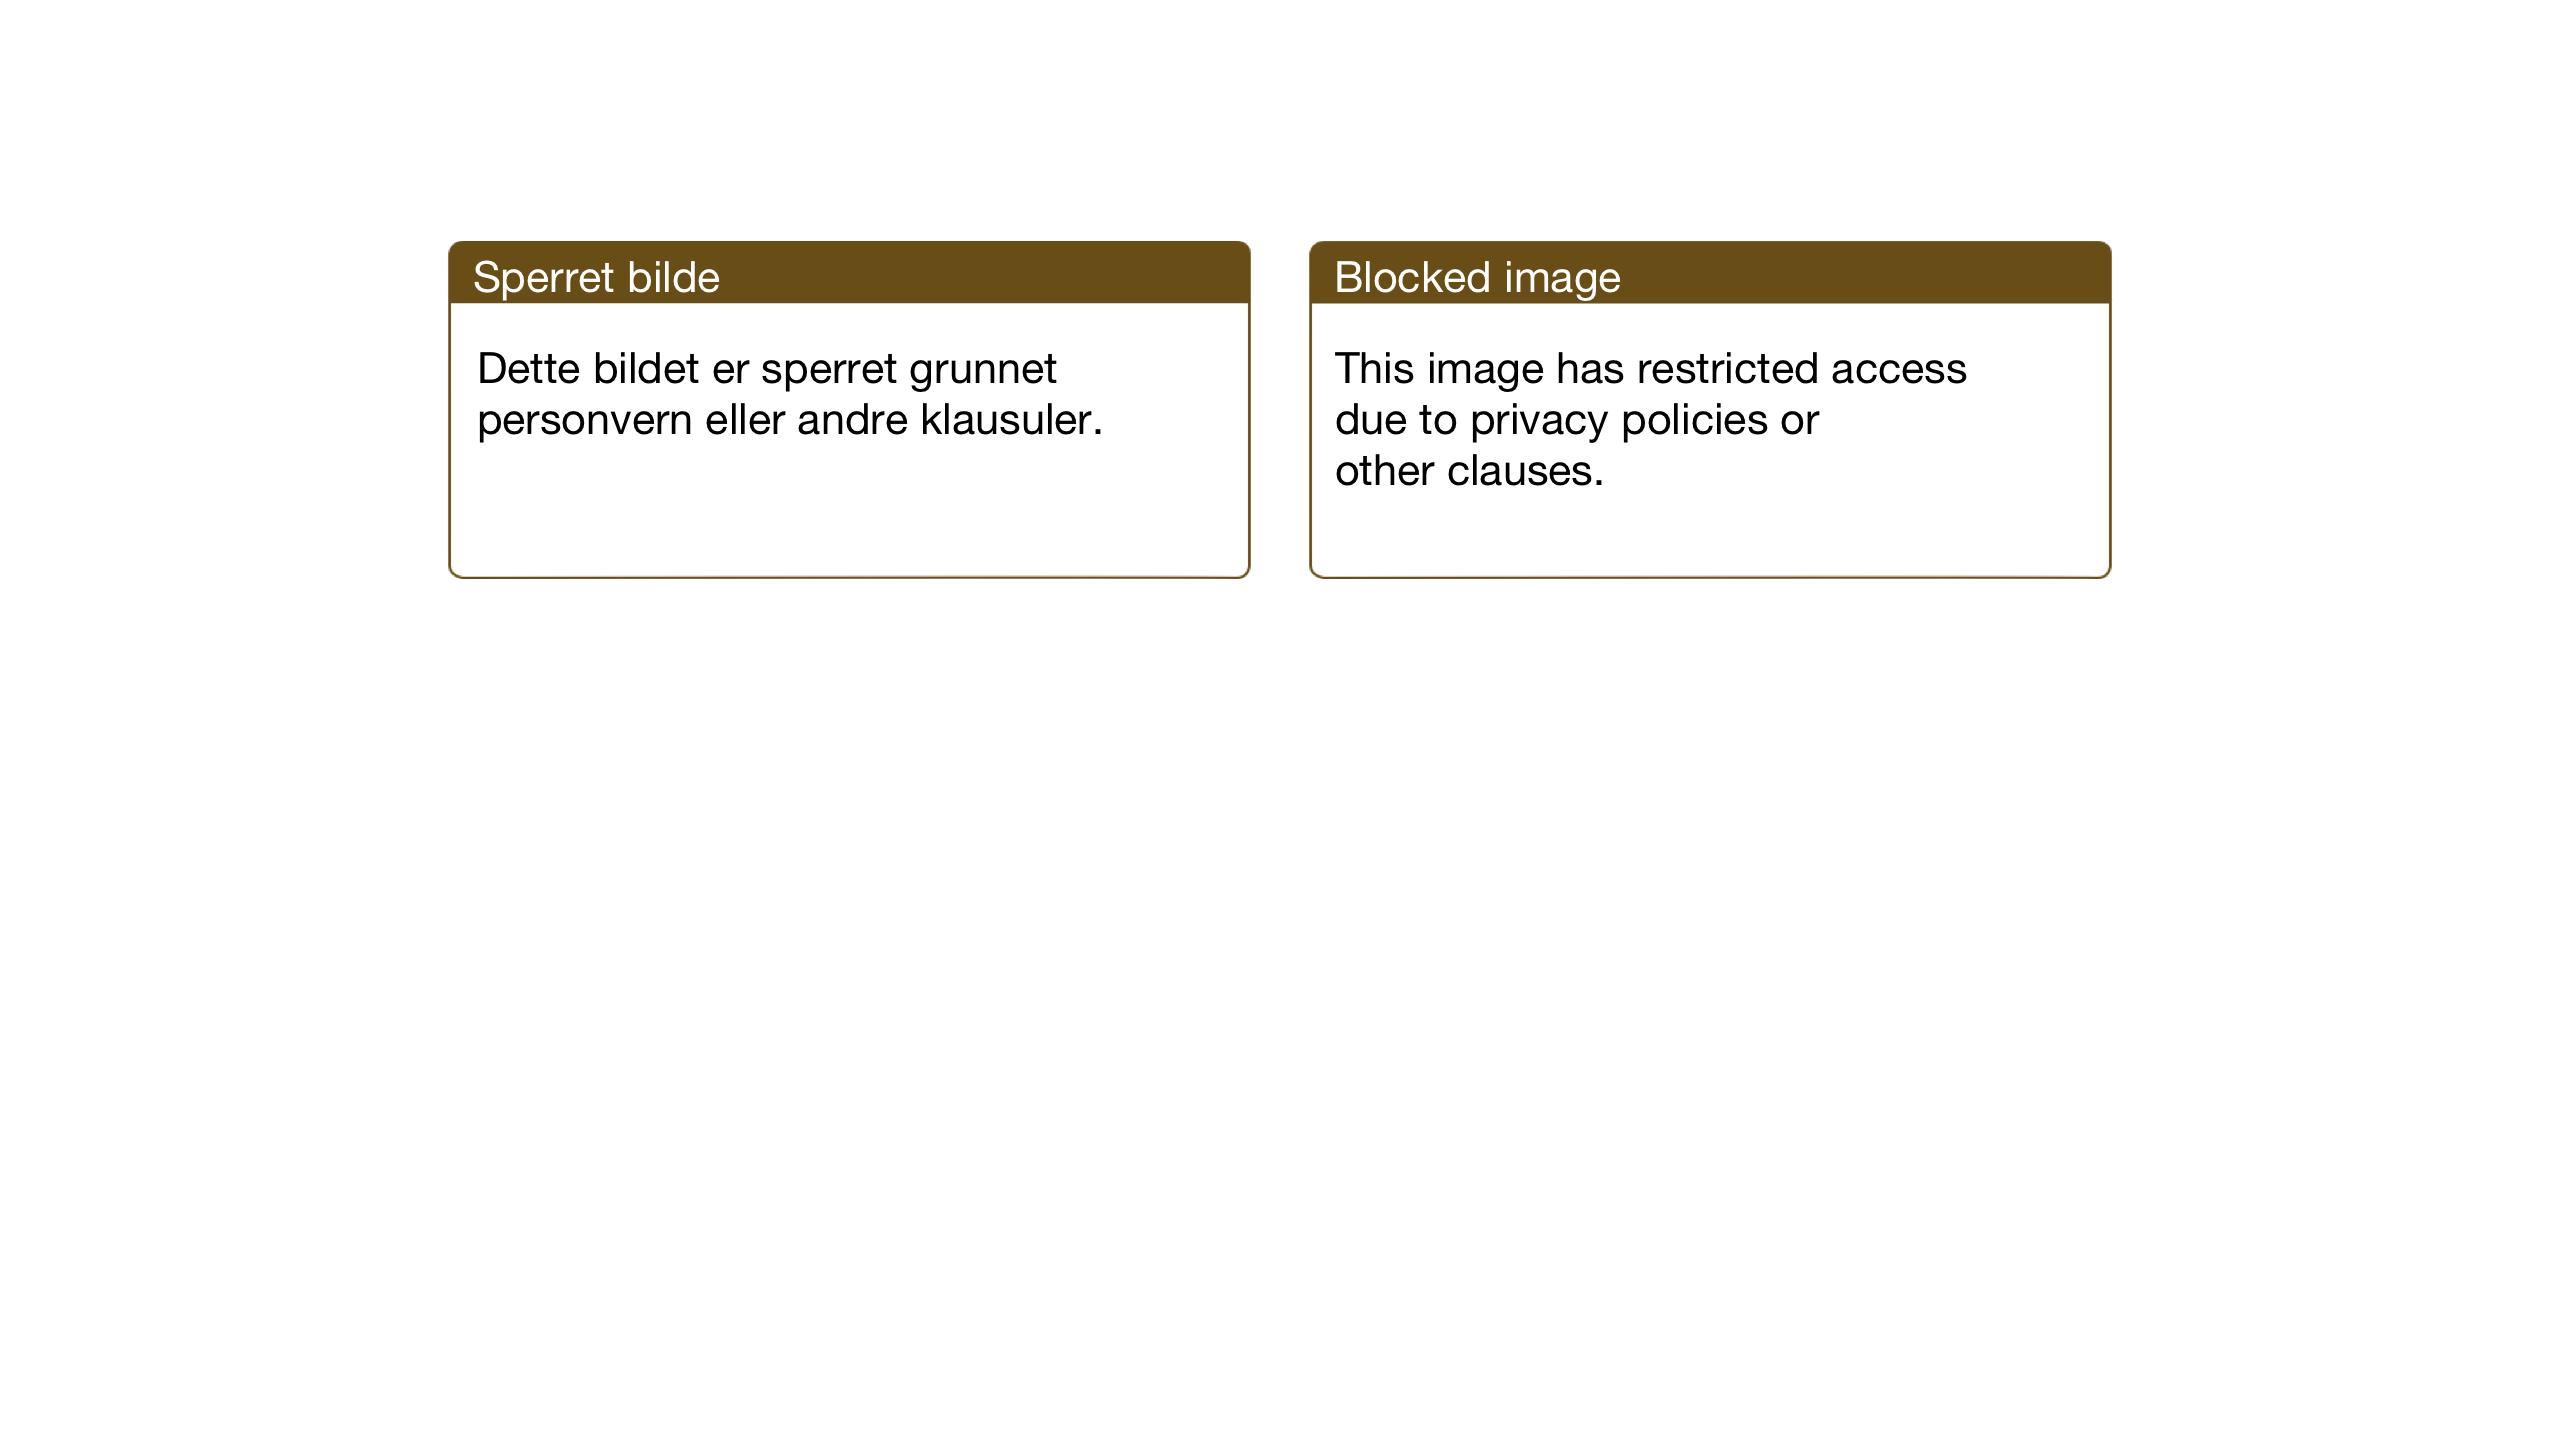 SAT, Ministerialprotokoller, klokkerbøker og fødselsregistre - Nord-Trøndelag, 701/L0019: Klokkerbok nr. 701C03, 1930-1953, s. 91